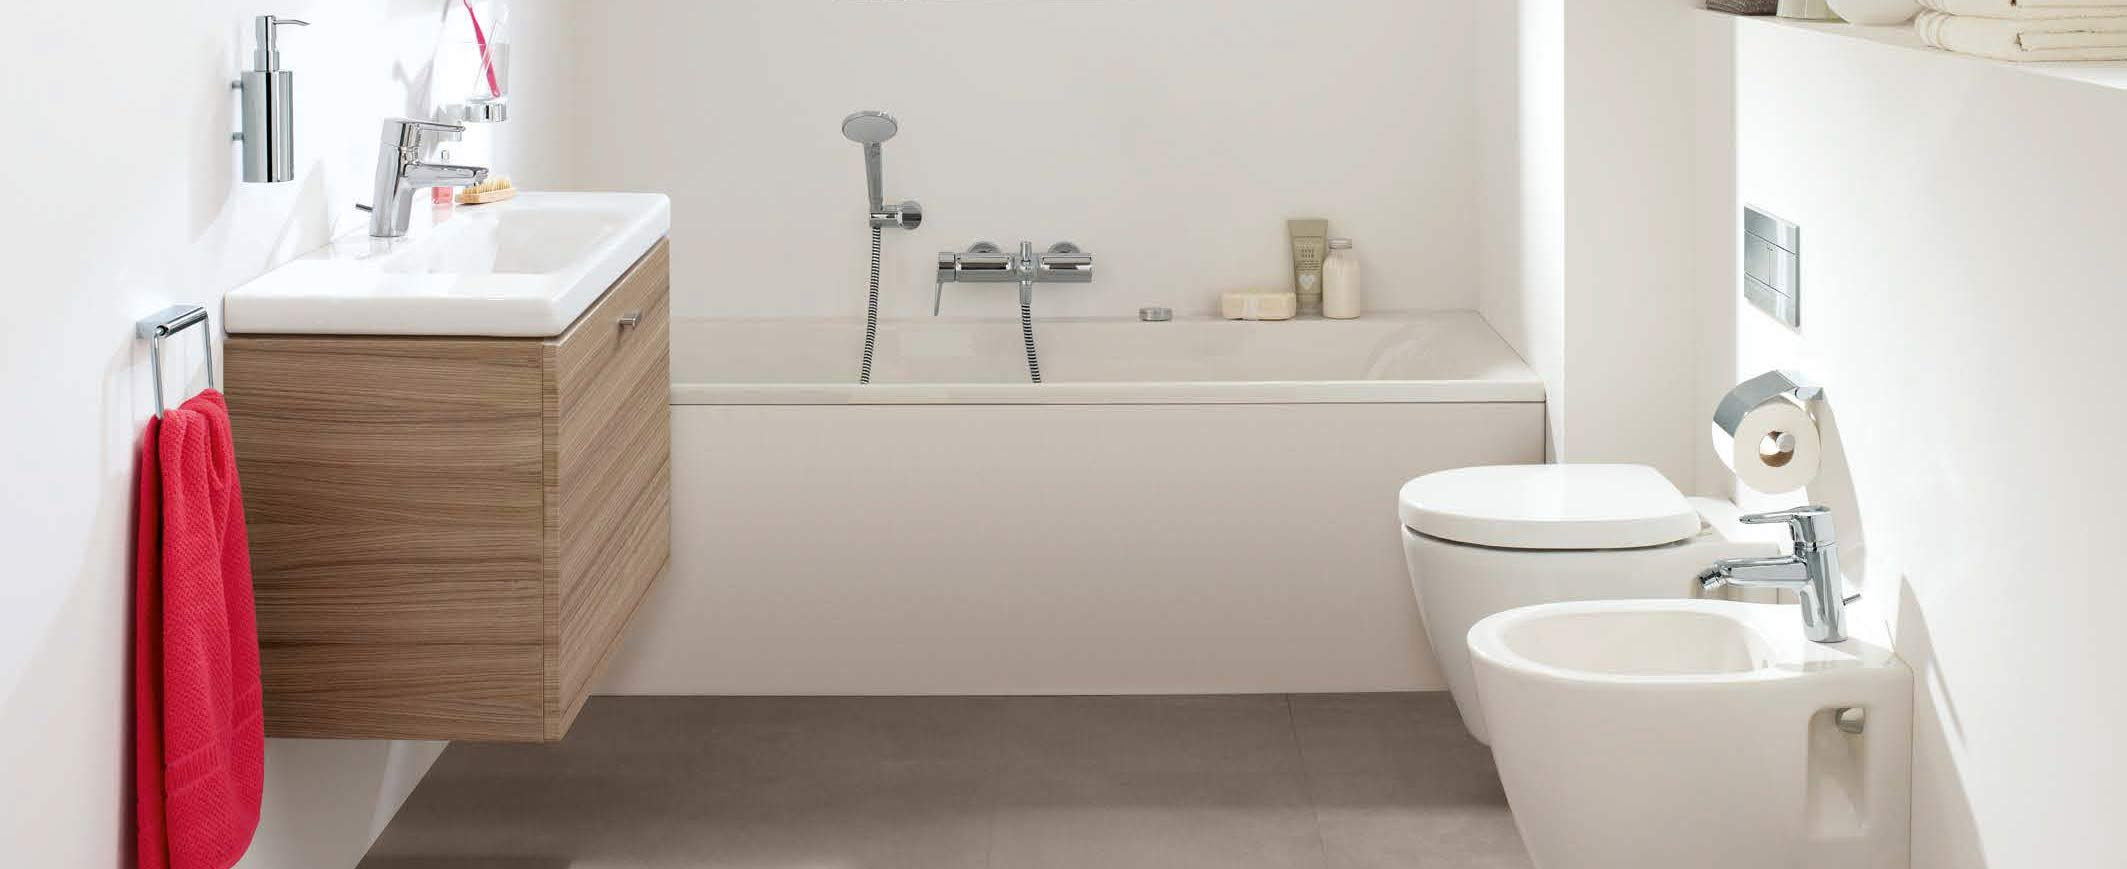 Gallery sanitari Ideal standard - Daripa Lecce